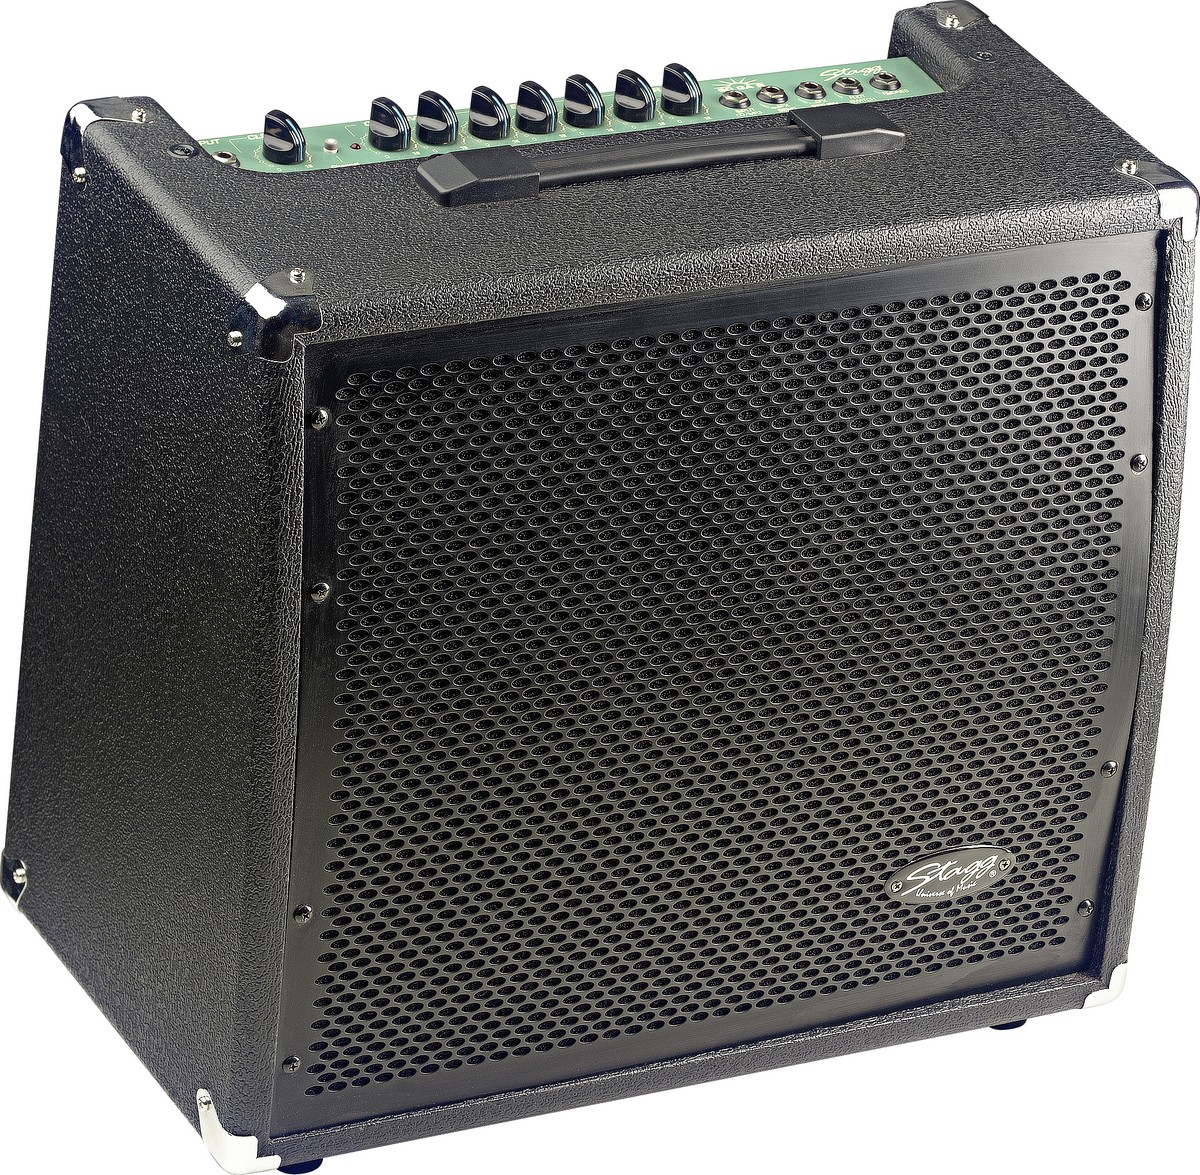 Stagg 60 GA R, kombo pro el. kytaru, 60W